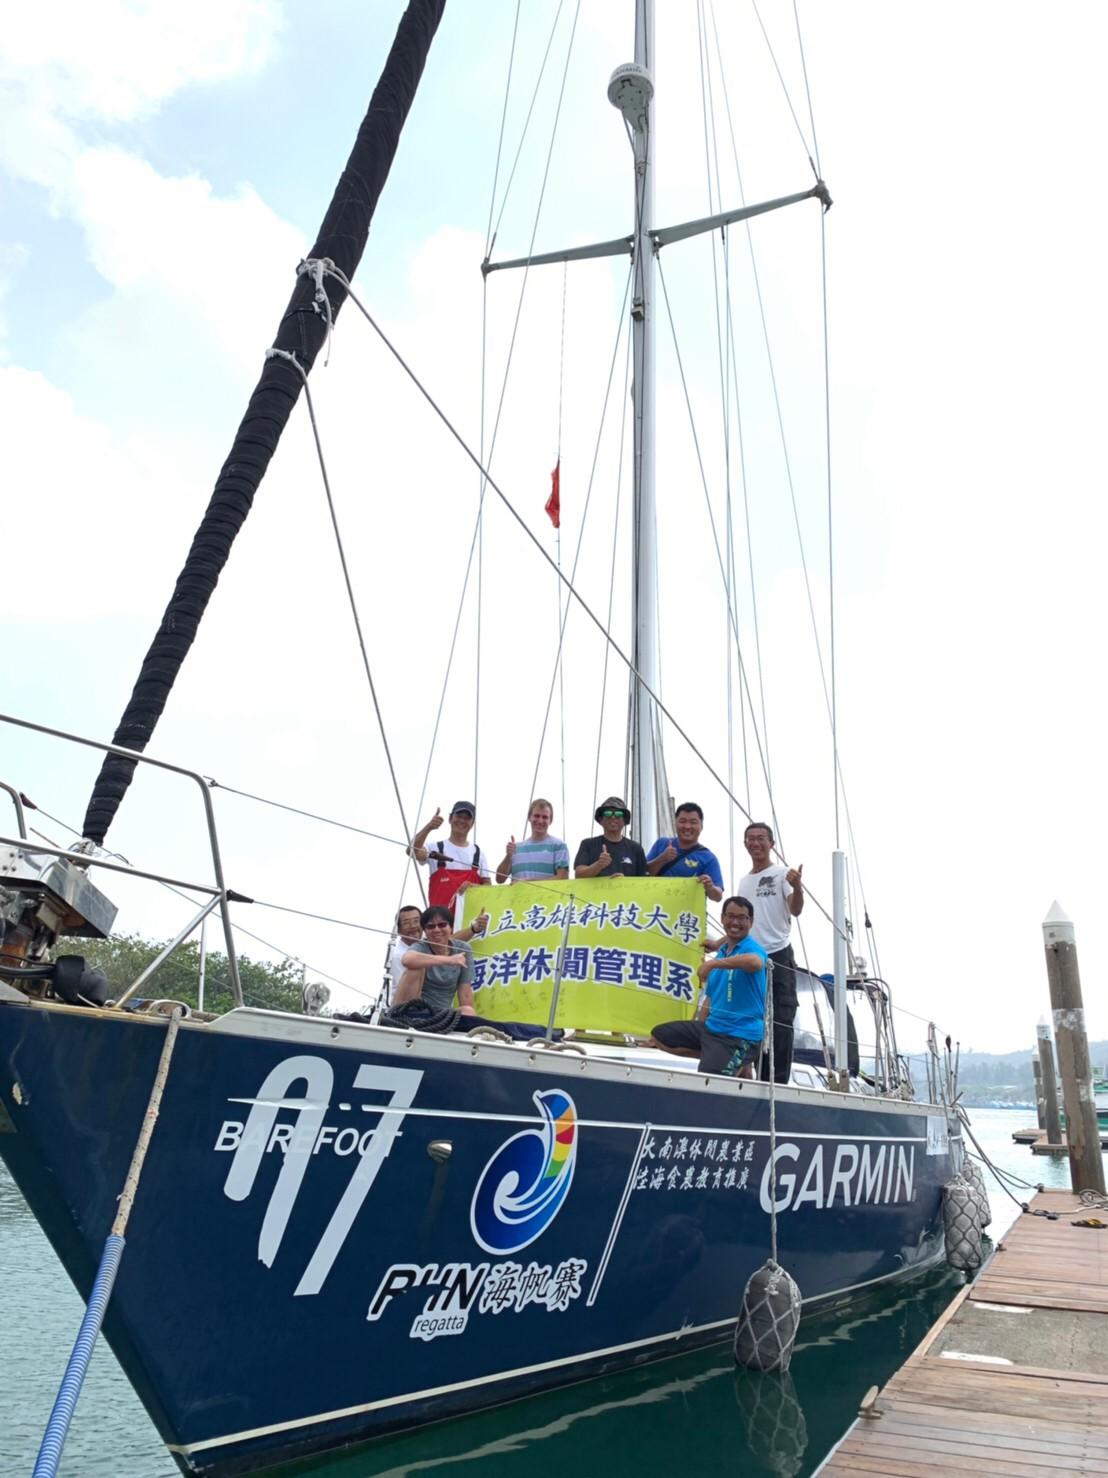 「風和水航海會隊」以光腳號帆船,參加環海南島國際大帆船賽。圖/楊泰嶽提供